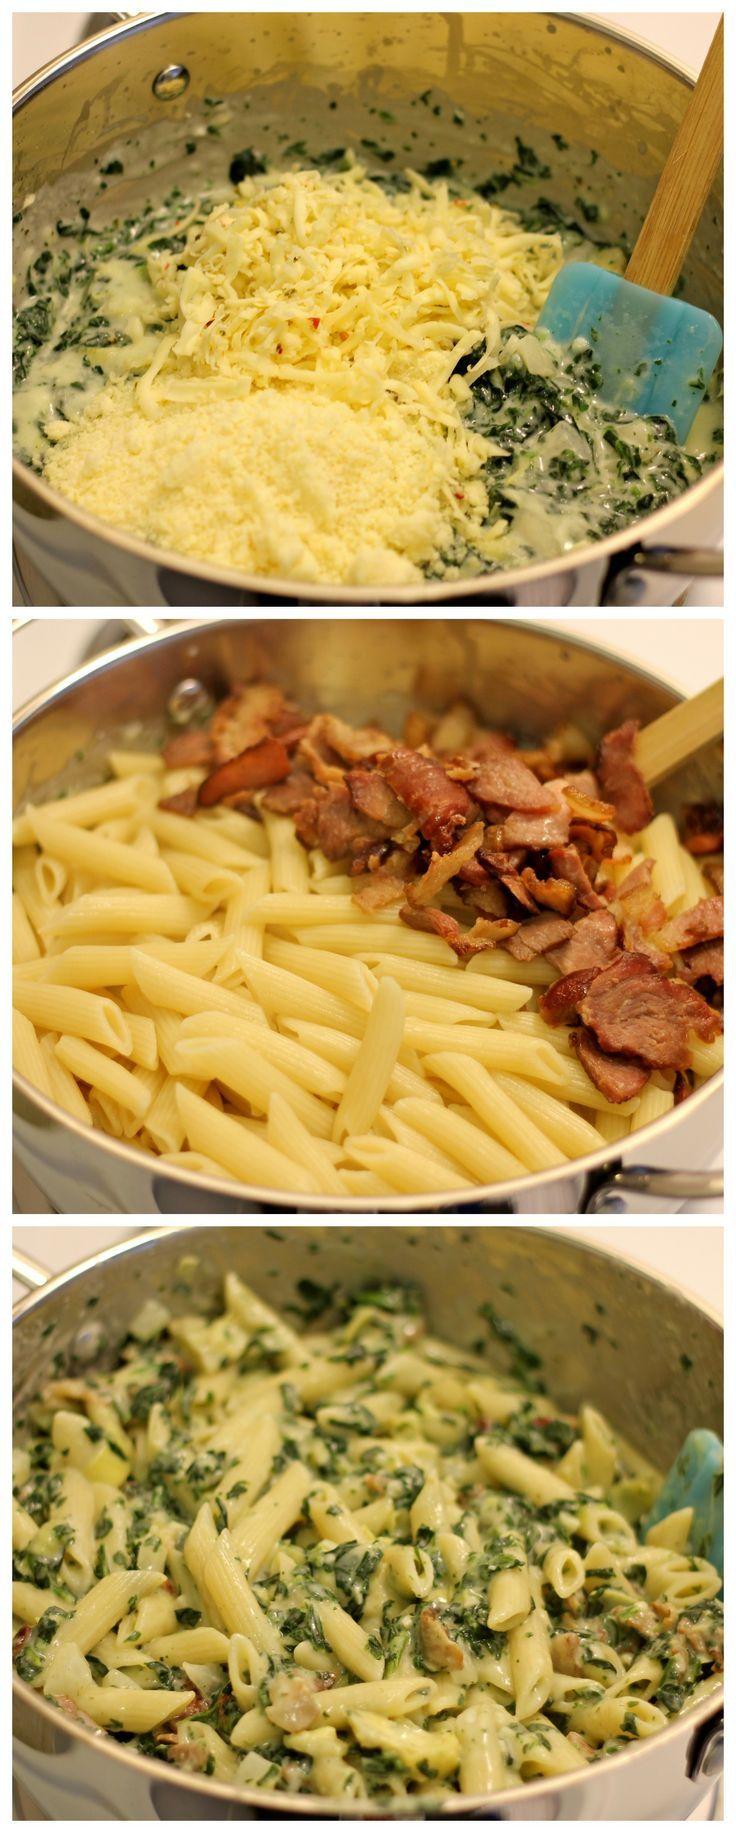 Macaroni with bacon, spinach, cheese, onion and cream Macarrones con panceta, espinacas, queso, cebolla y nata http://www.isladelecturas.es/index.php/noticias/libros/835-las-aventuras-de-indiana-juana-de-jaime-fuster A la venta en AMAZON. Feliz lectura.